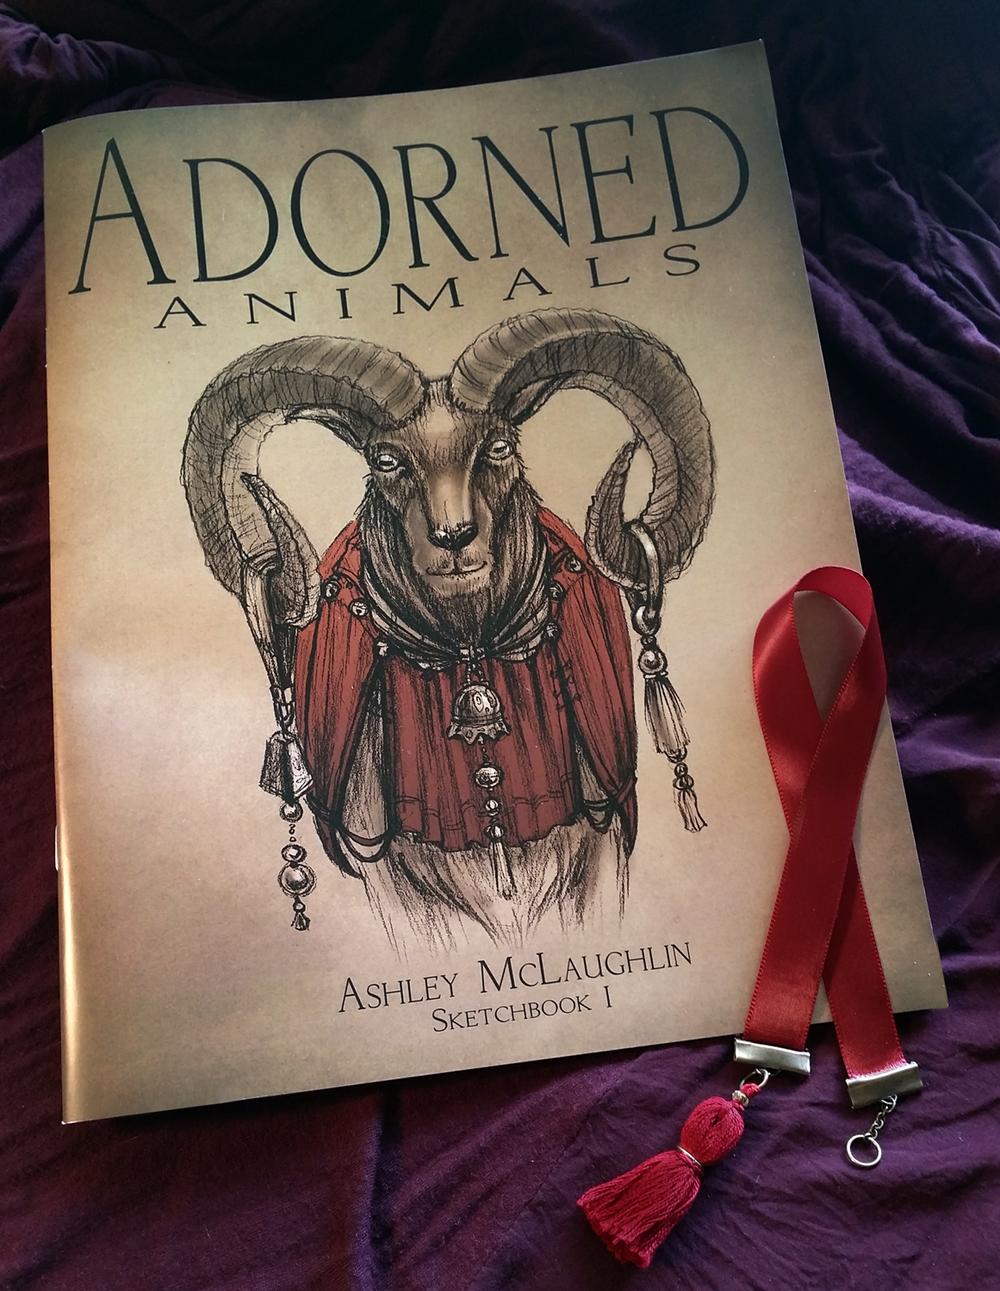 Adorned Animals - A sketchbook of original work